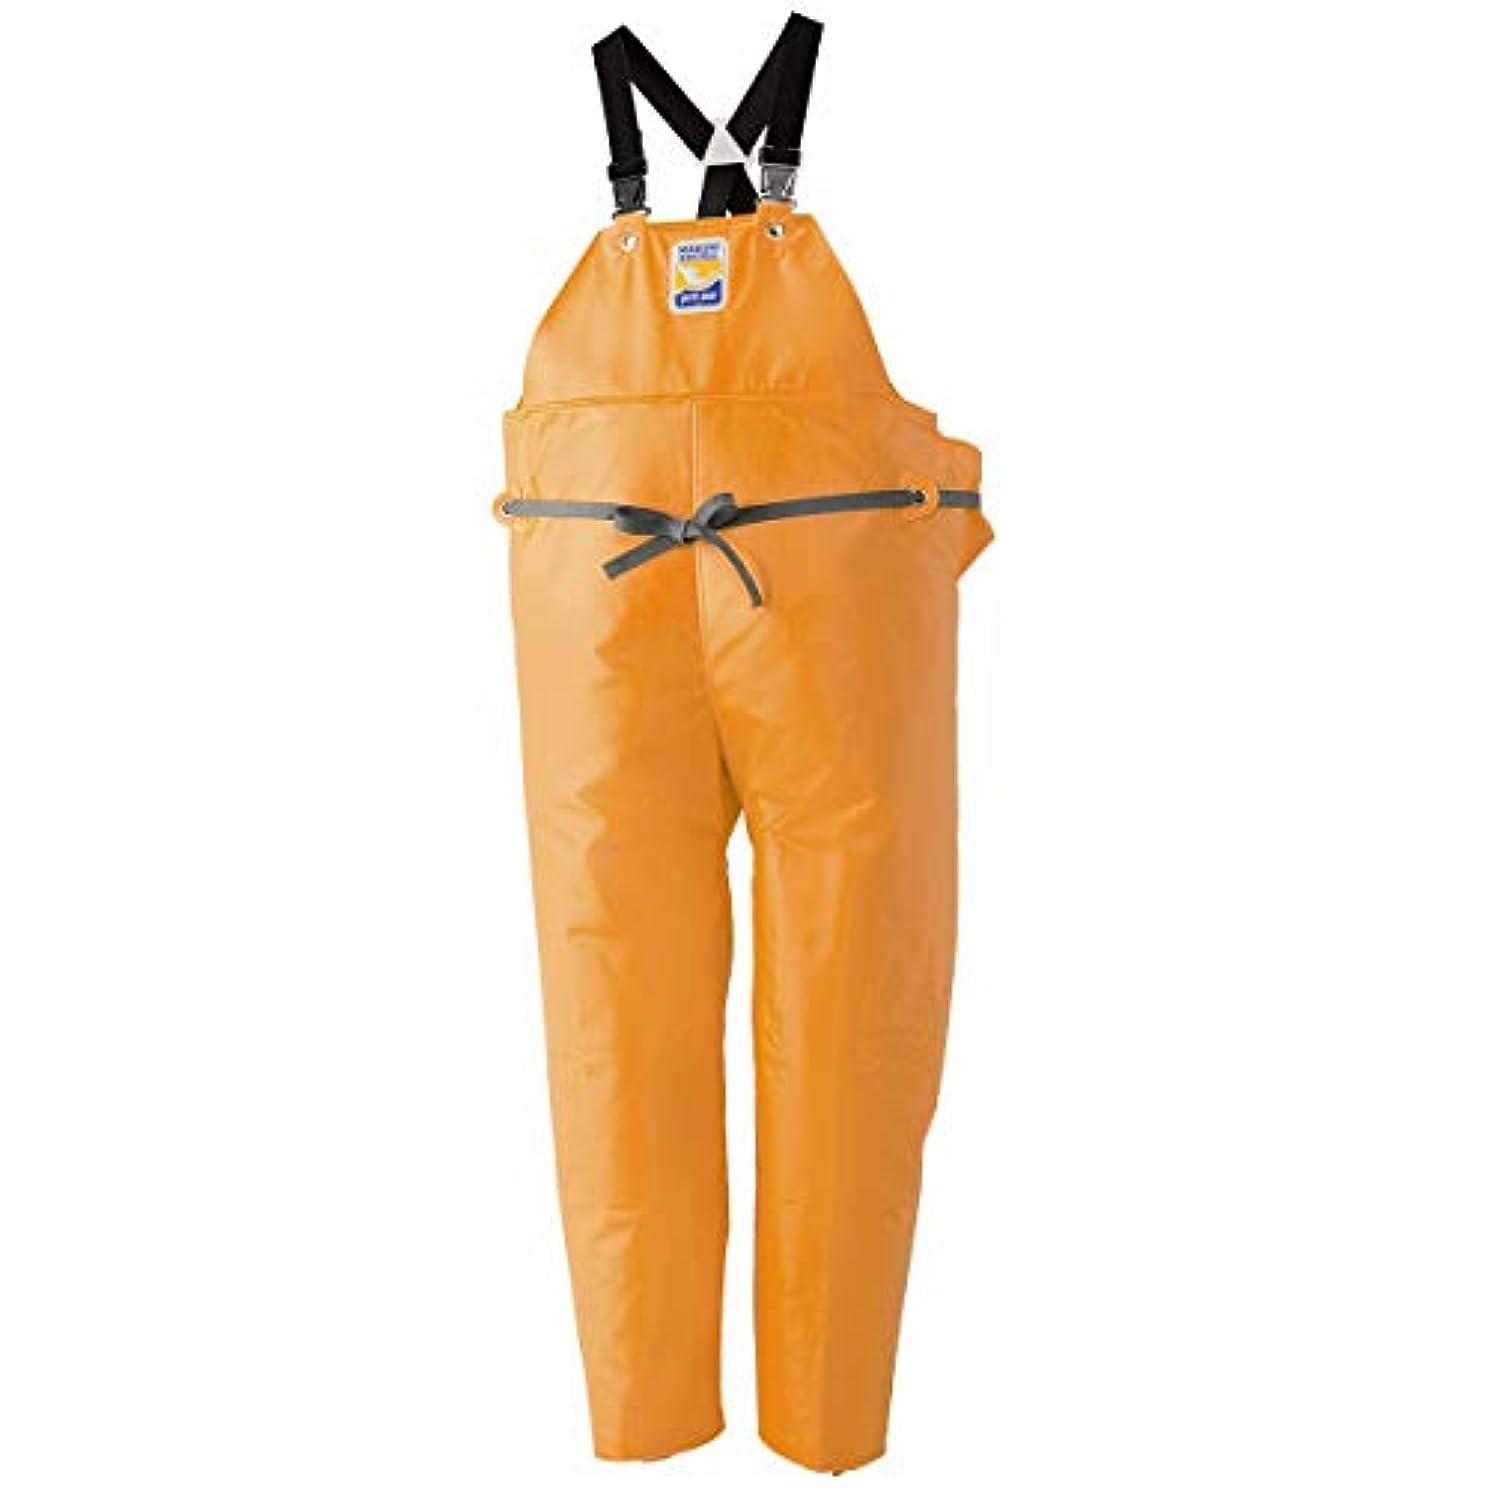 服を片付けるコンパクトデッドロックマリンエクセル(MARINE EXCELL) マリンエクセル 胸当付ズボン膝当て付(サスペンダー式) オレンジ 3L 12063560